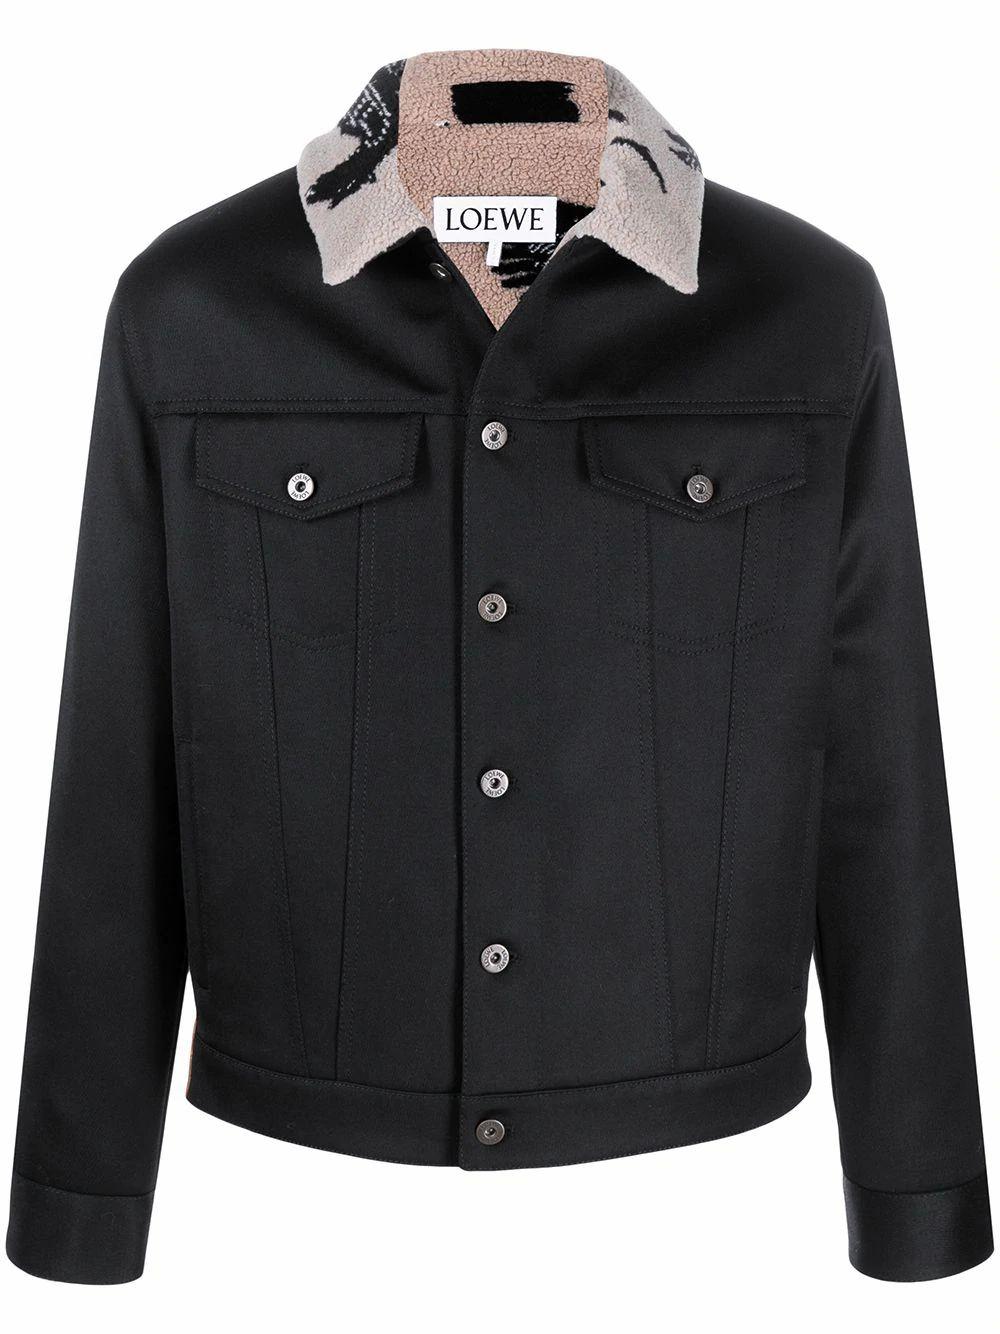 Loewe LOEWE MEN'S BLACK WOOL OUTERWEAR JACKET